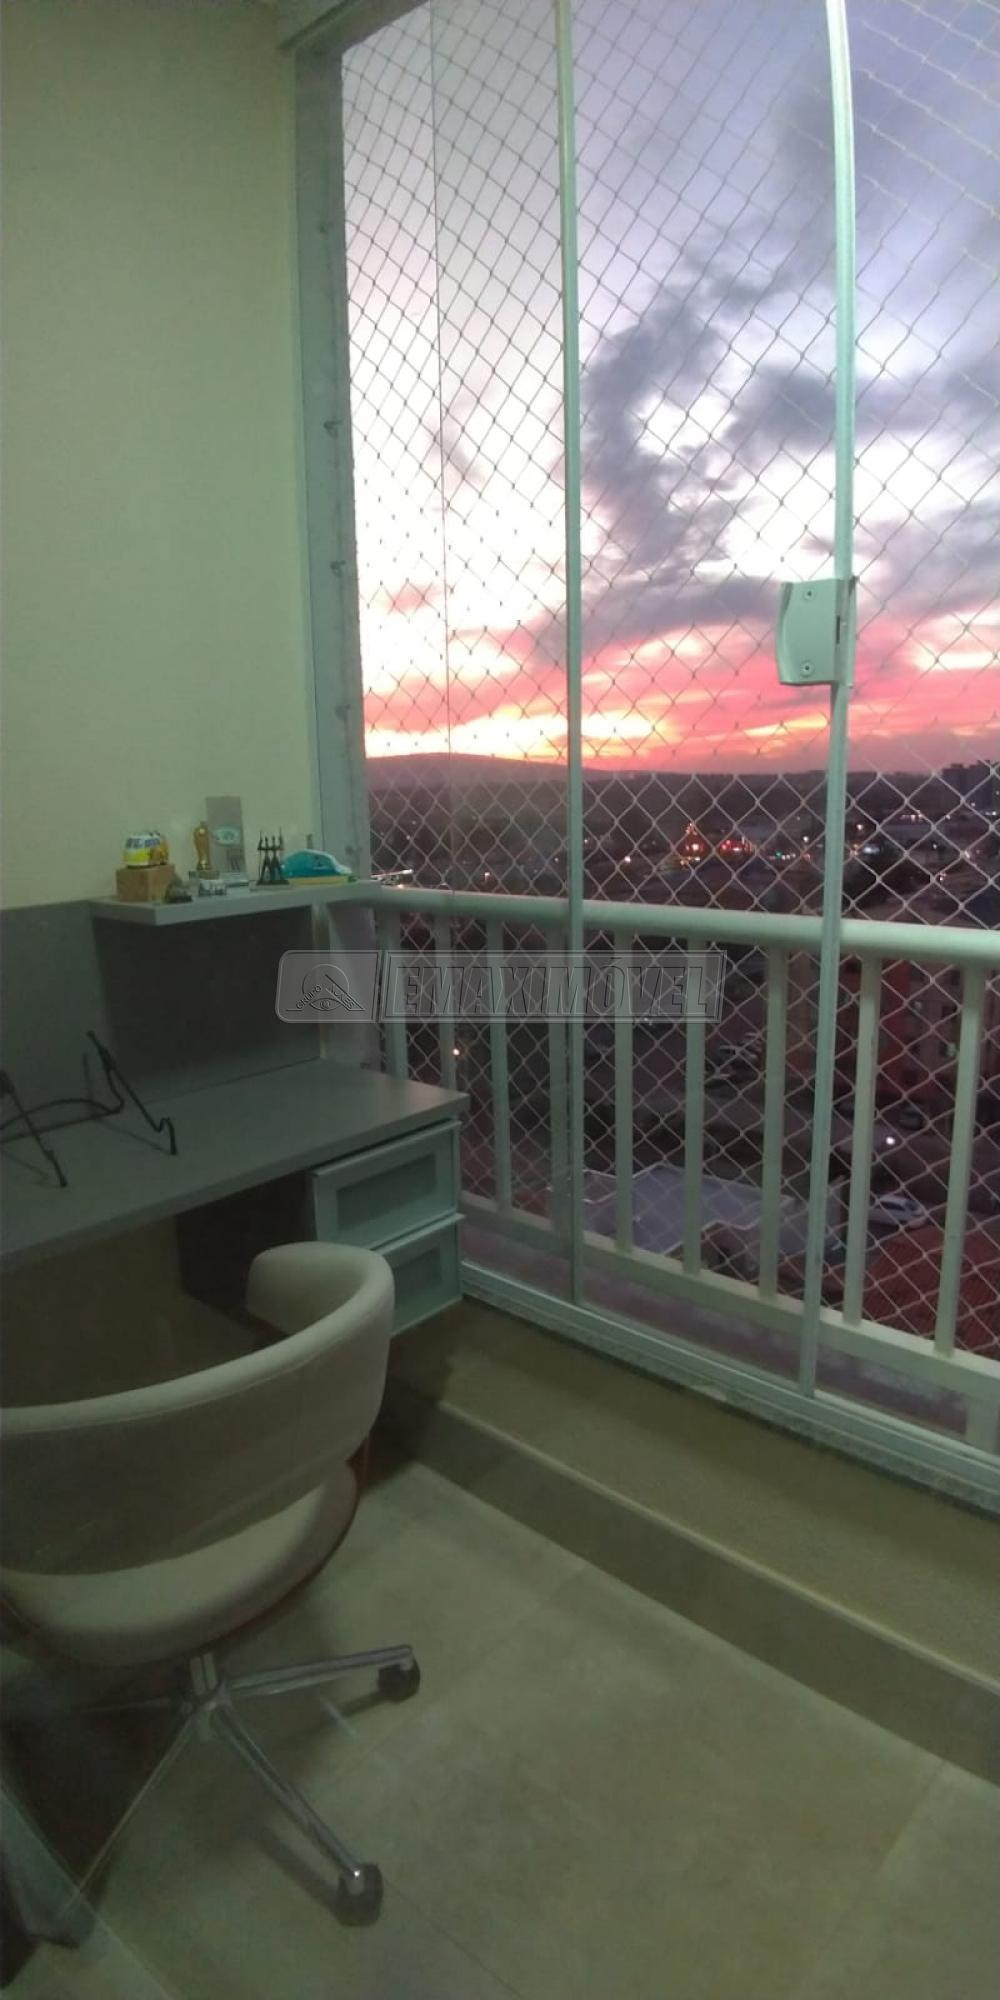 Comprar Apartamento / Padrão em Sorocaba R$ 300.000,00 - Foto 5